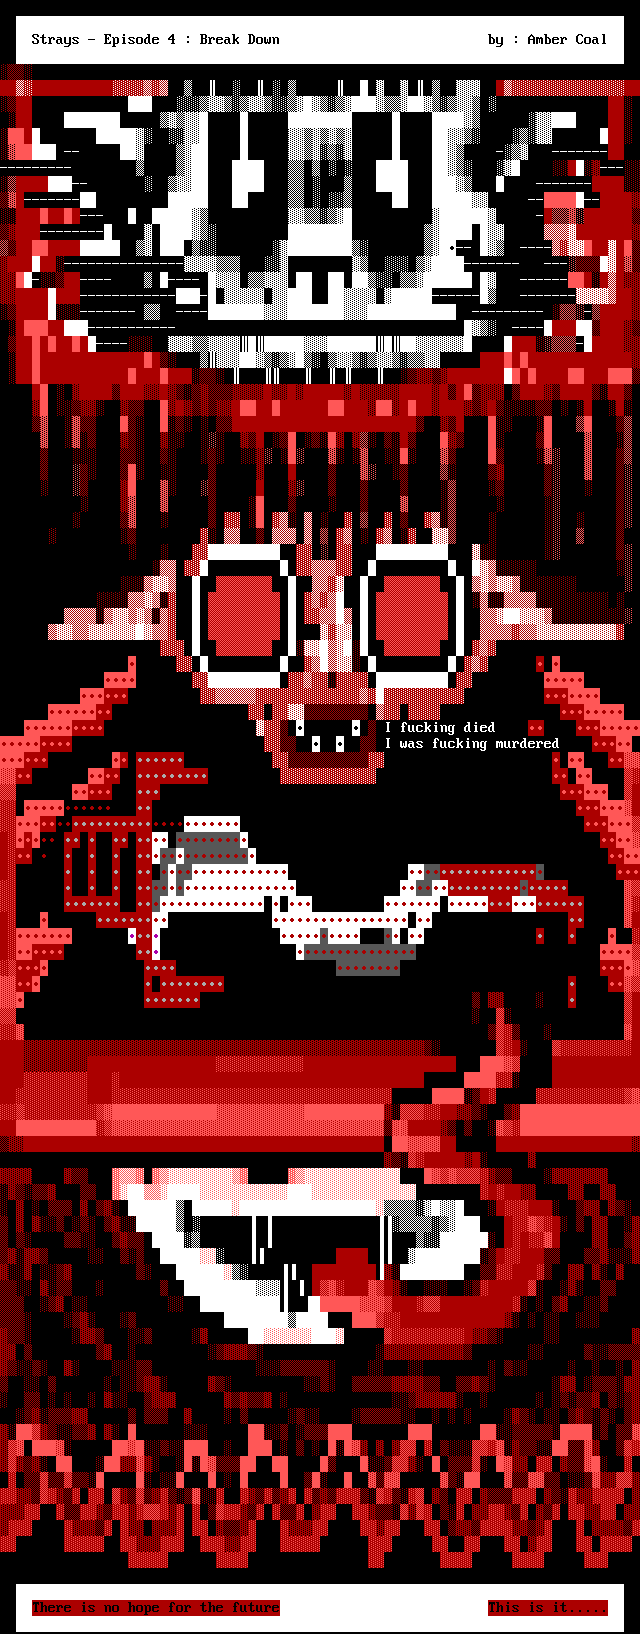 052315 - breakdown